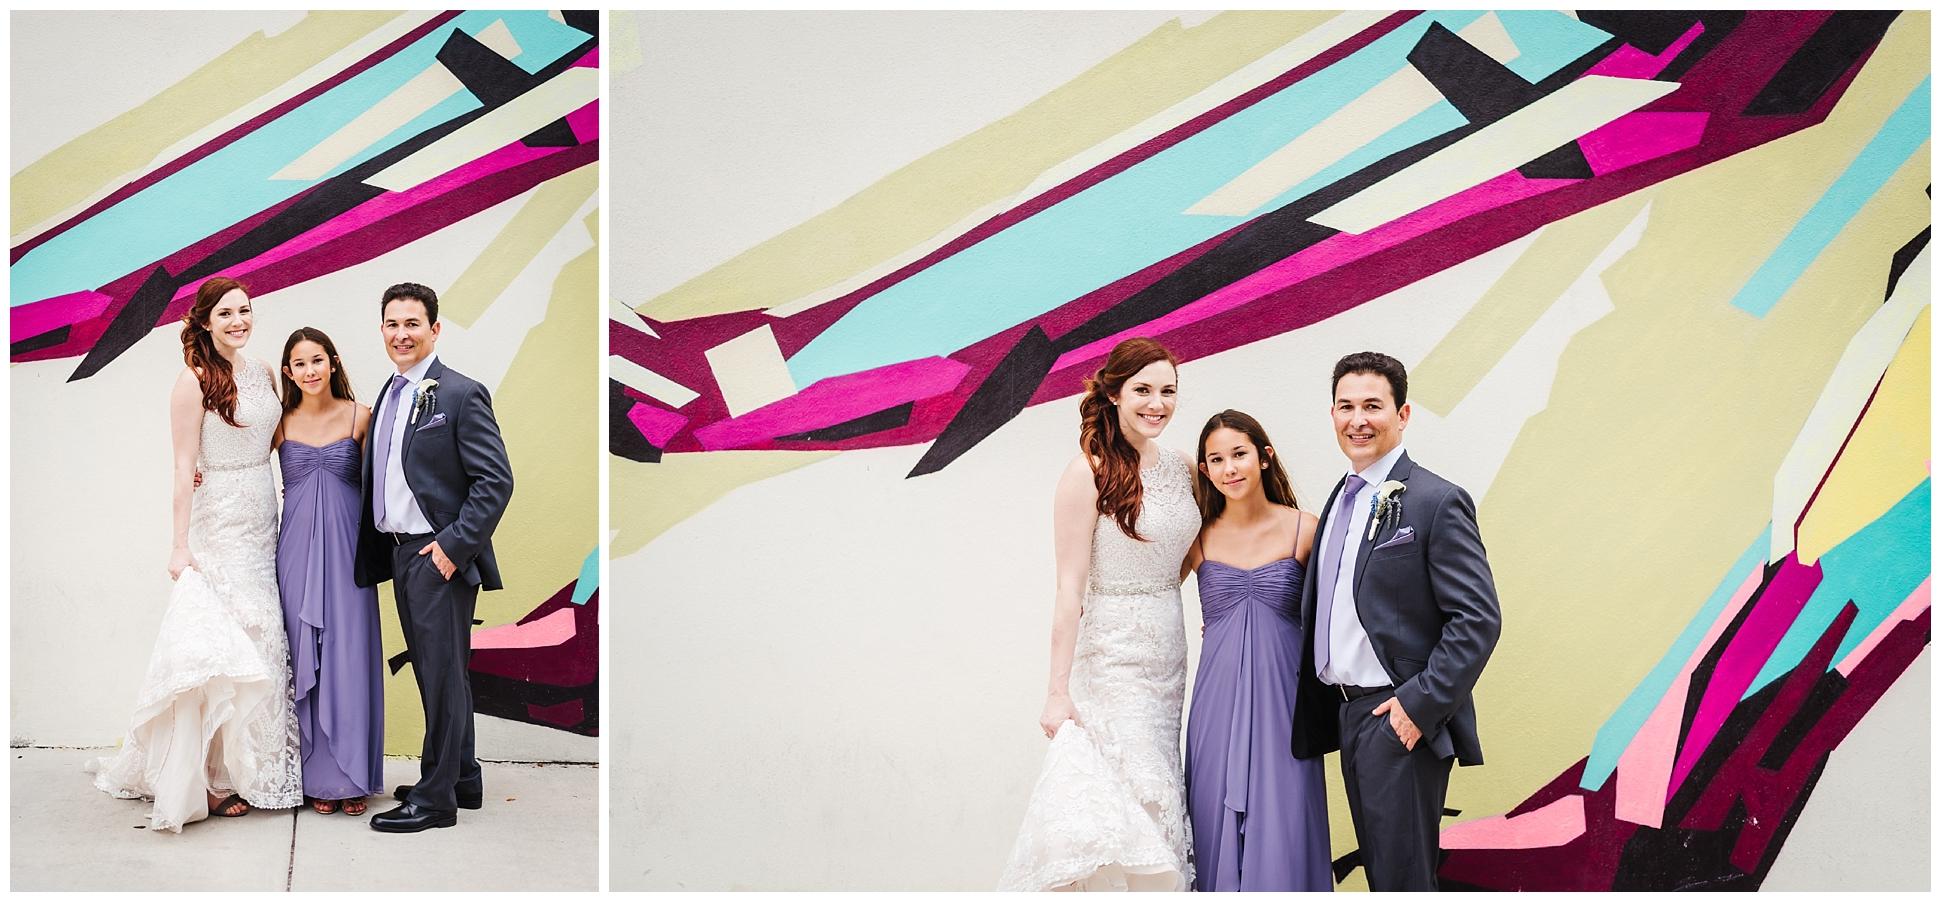 st-pete-wedding-photographer-nova-535-murals-downtown-lavendar_0034.jpg